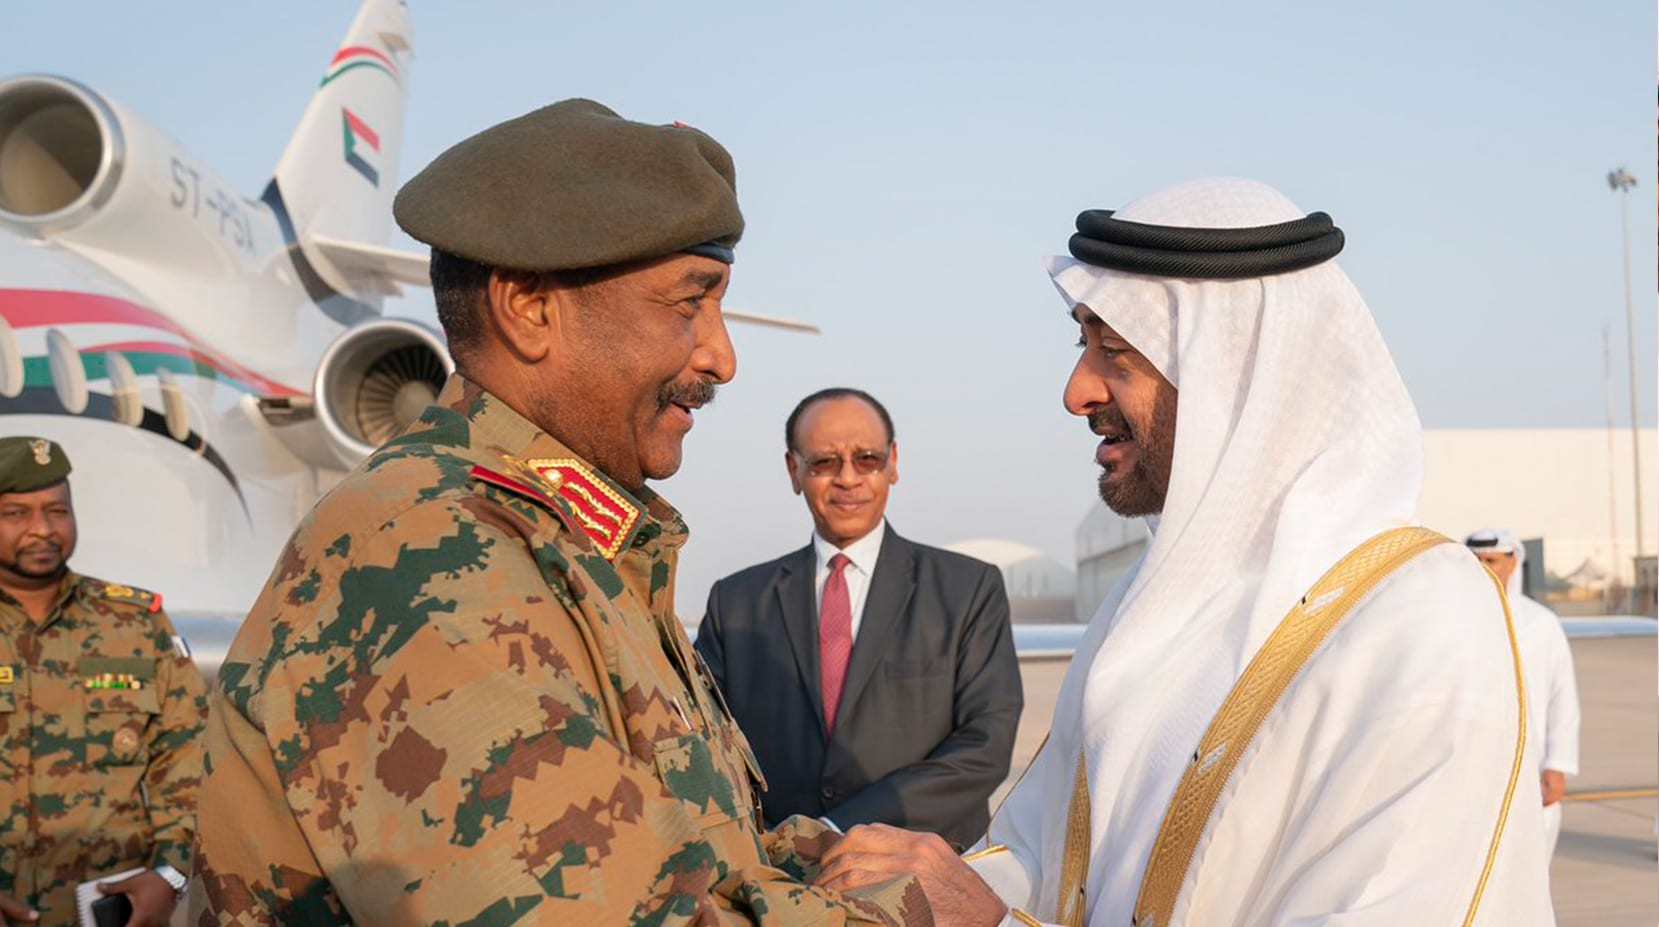 بعد زيارته إلى مصر.. رئيس المجلس العسكري في السودان يصل إلى الإمارات